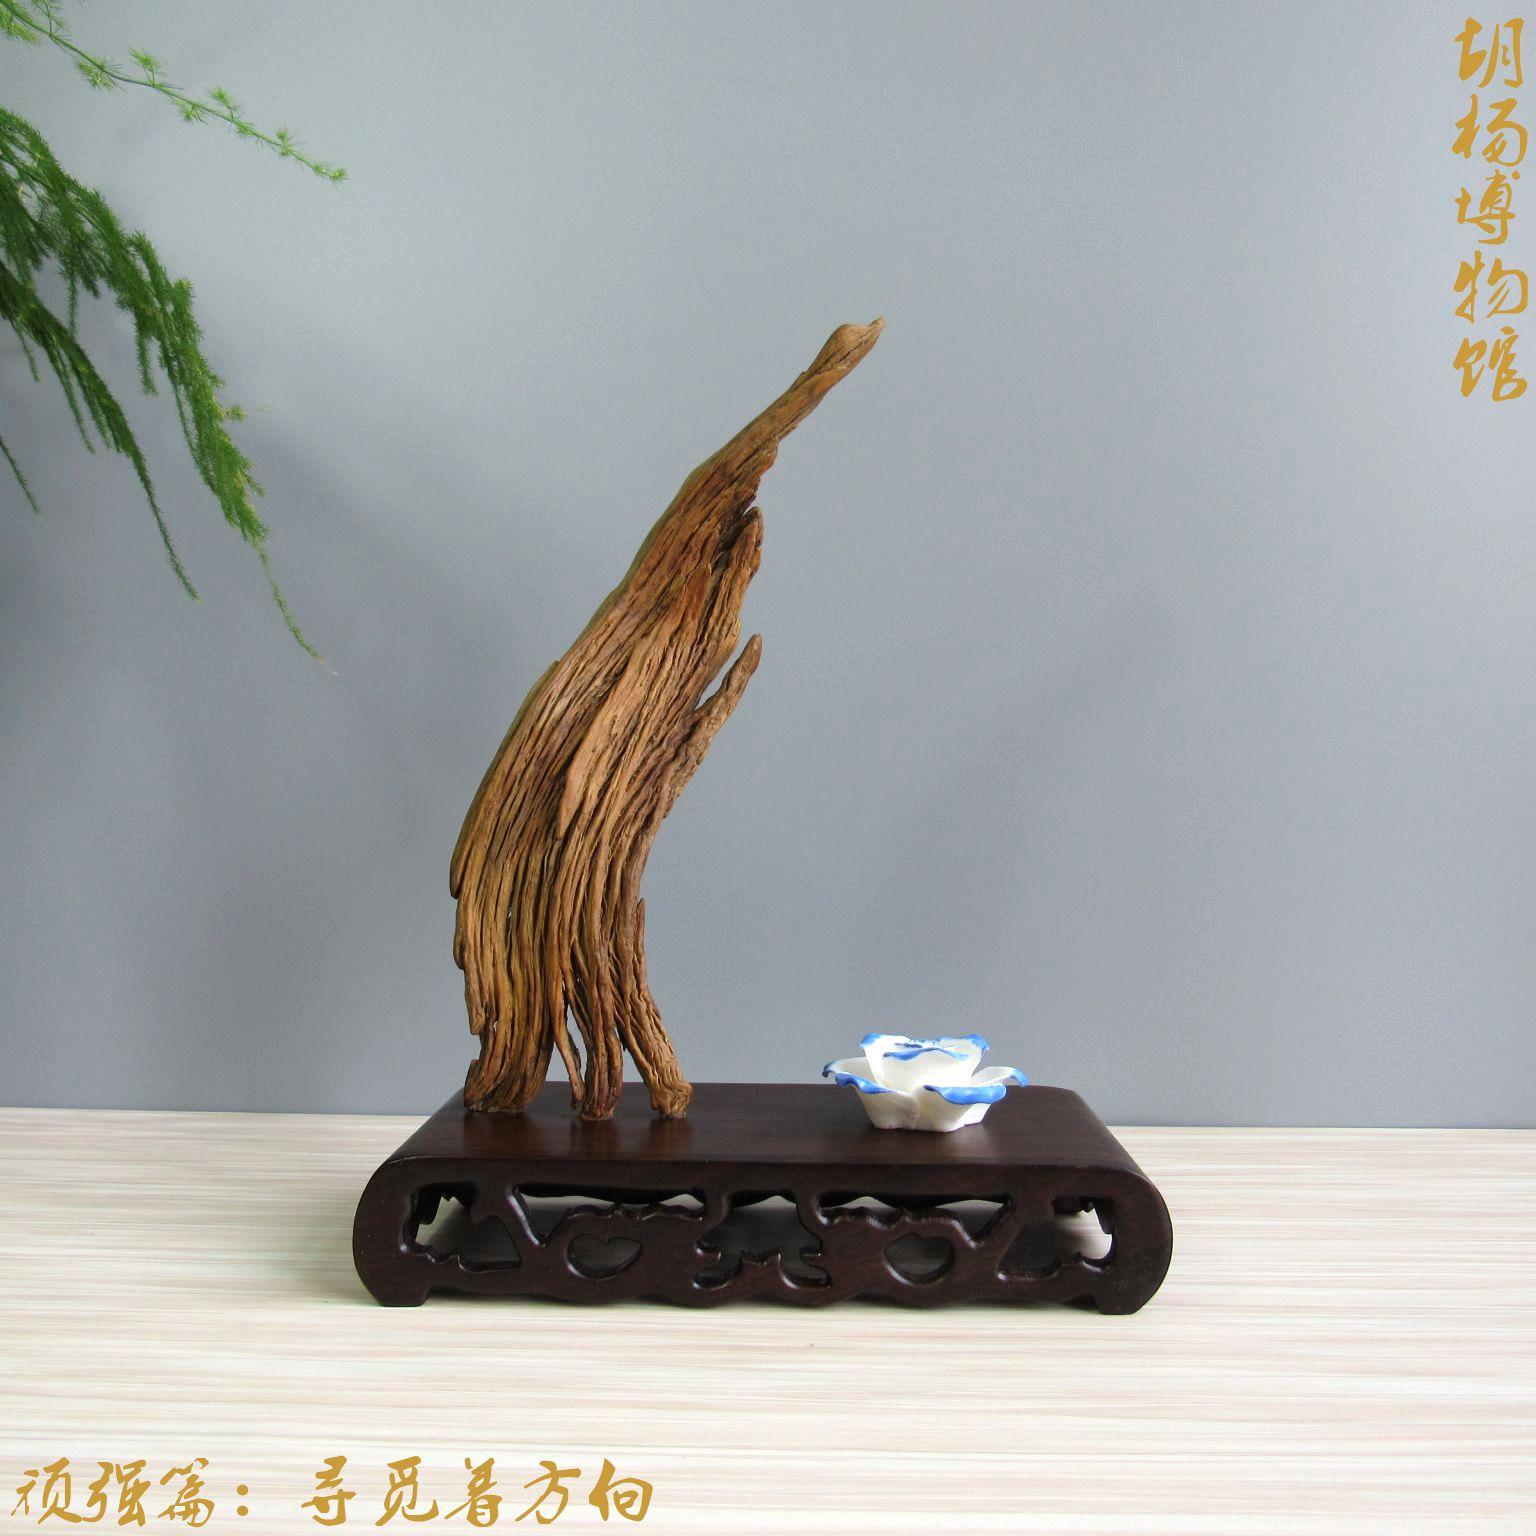 胡杨博物馆 千年胡杨枯木风化木随形摆件 家居办公室饰品高档礼品